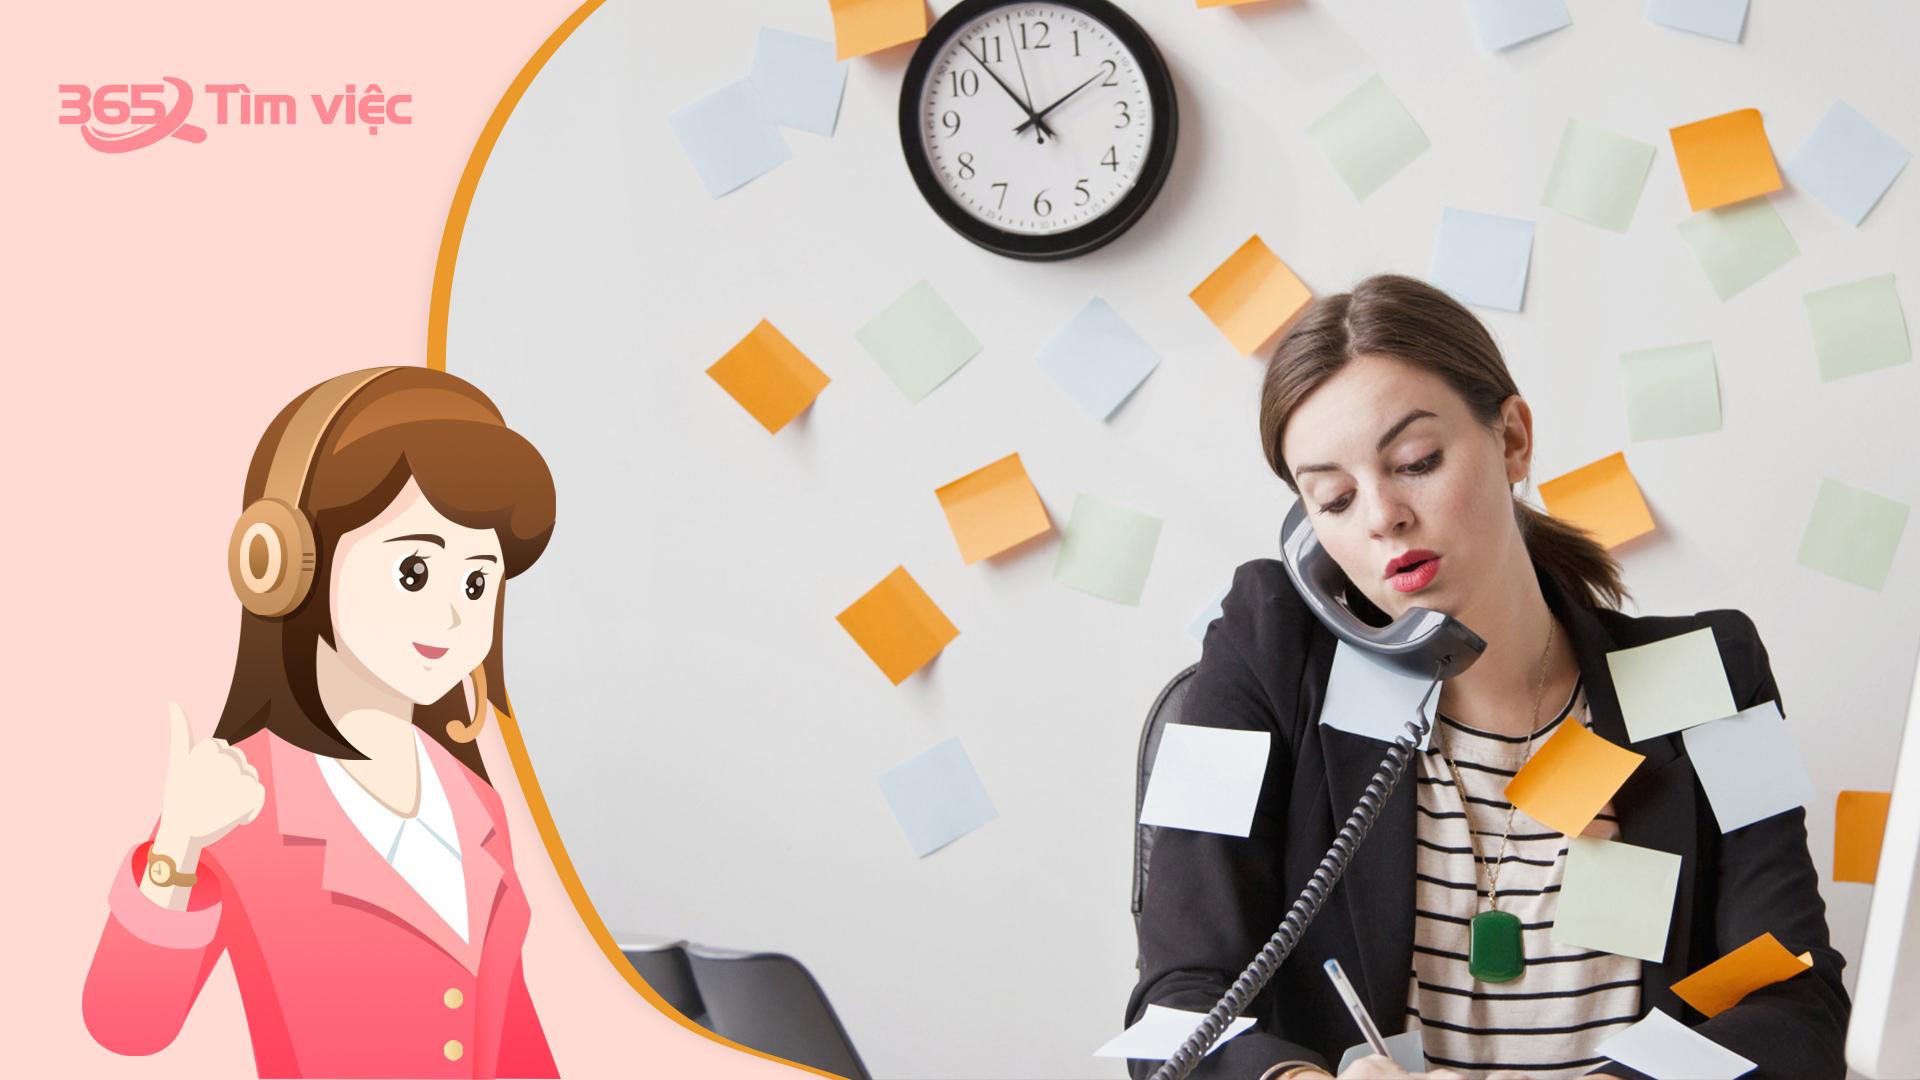 Cách trình bày mục kỹ năng trong đối với vị trí HR Specialist